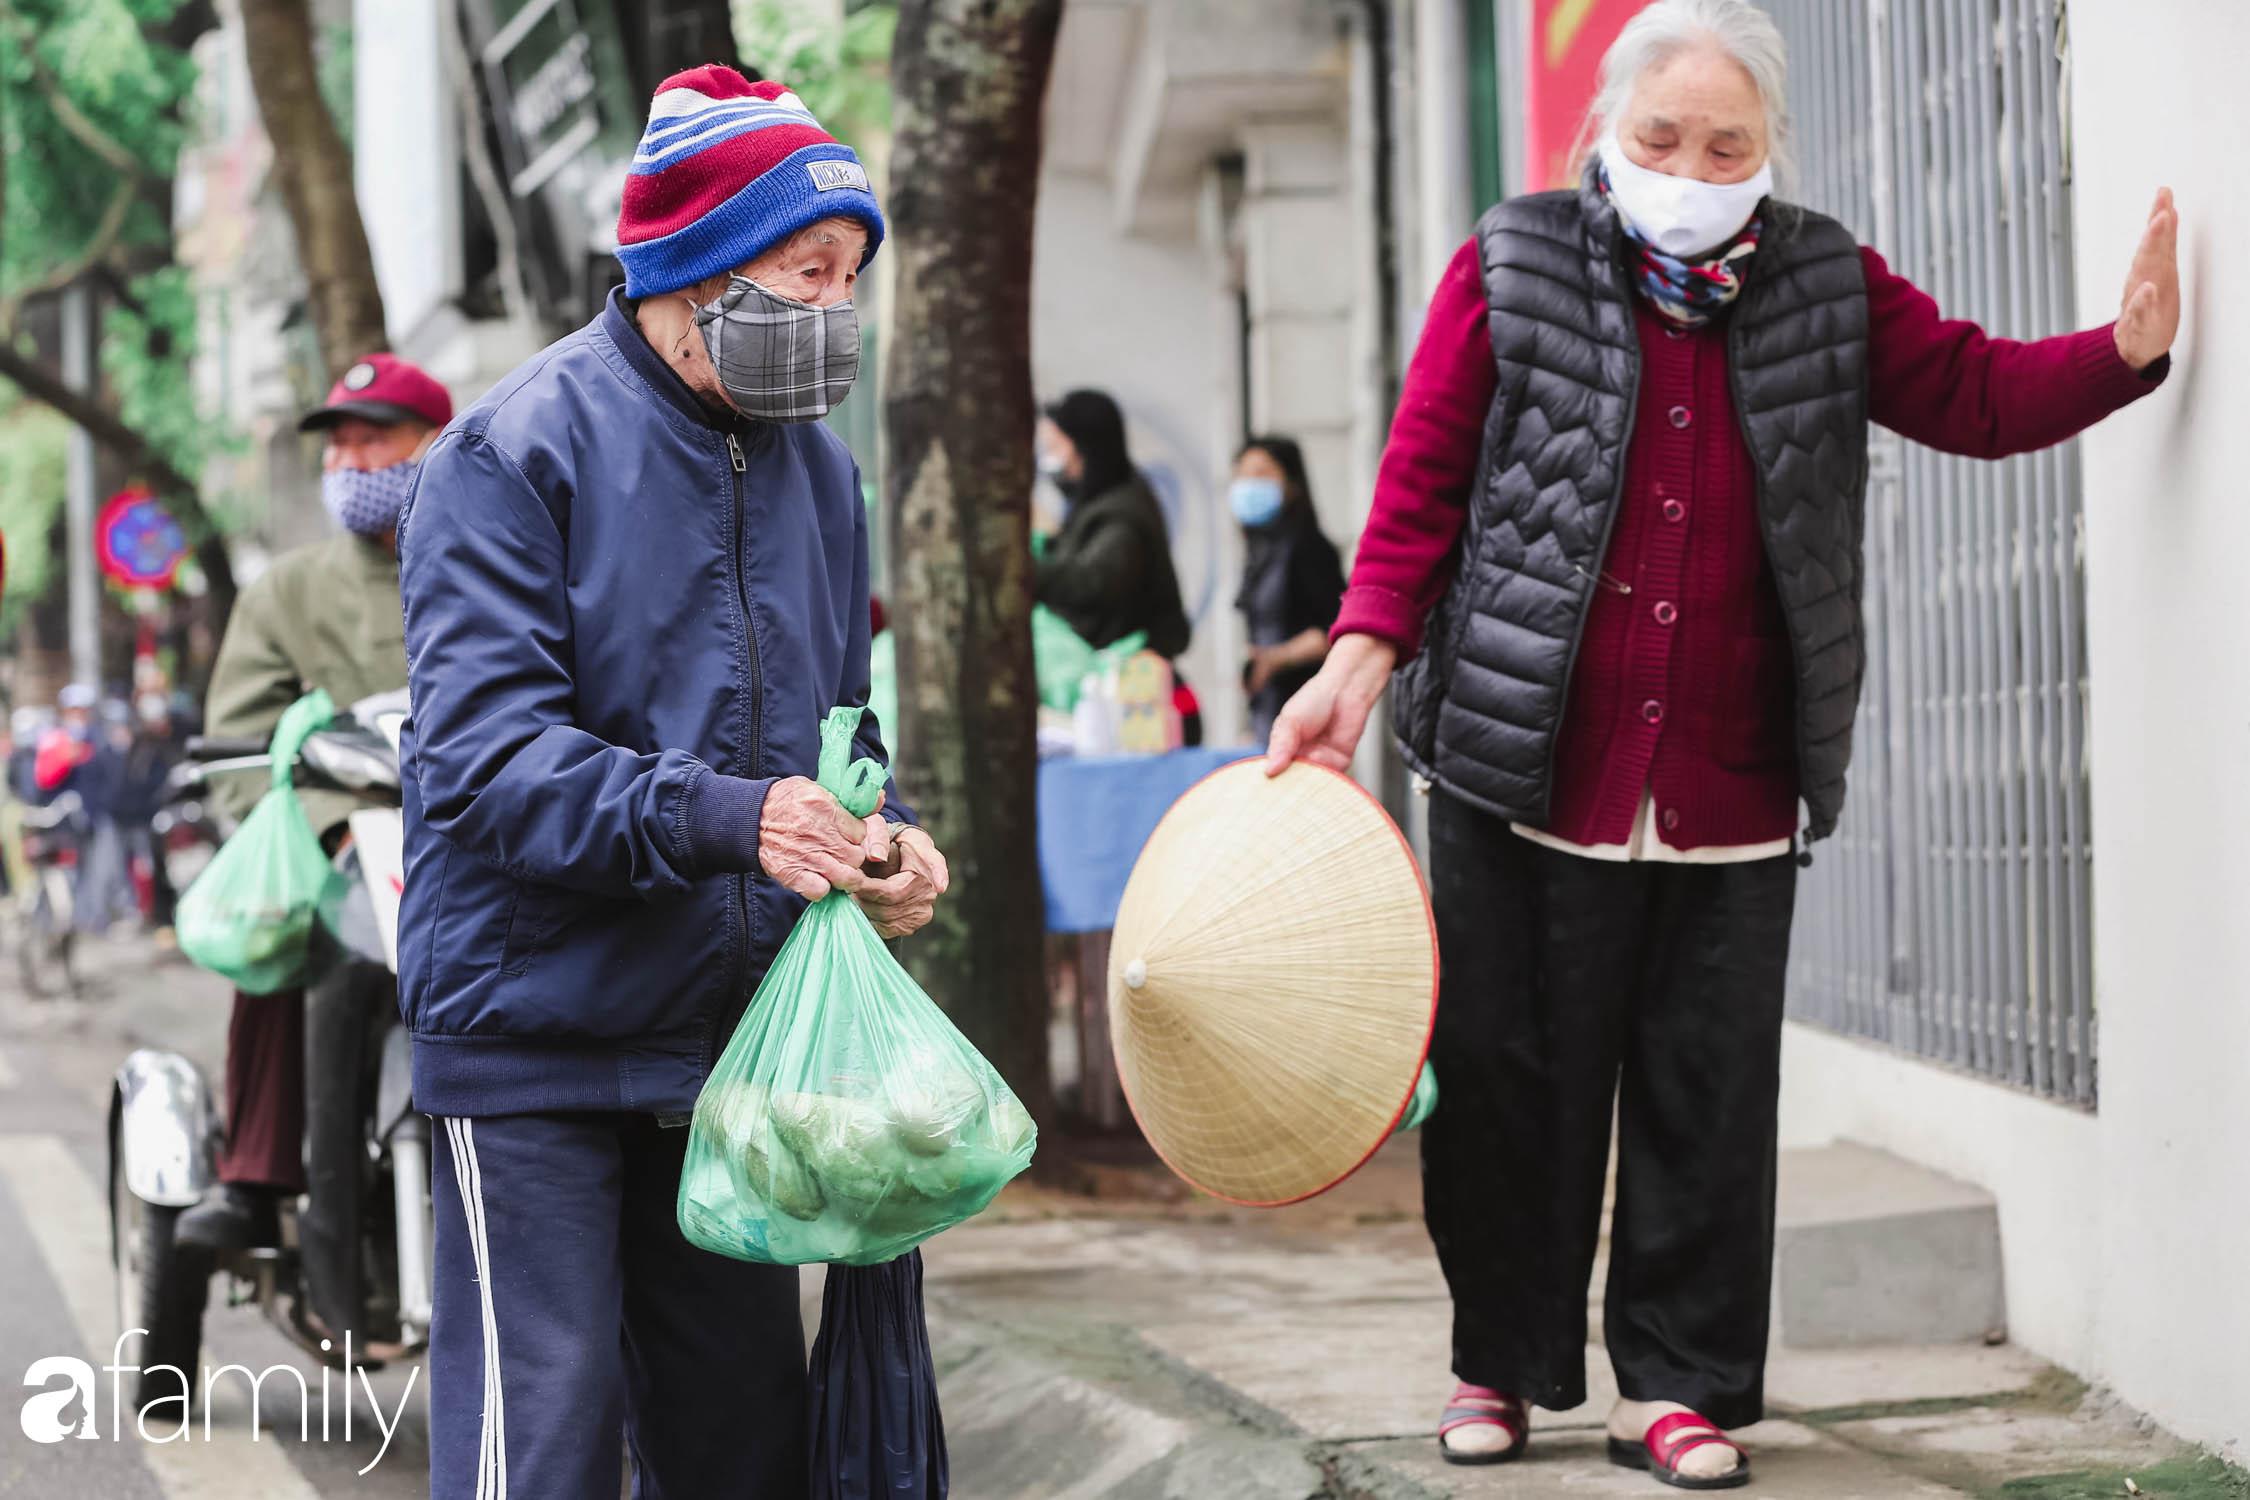 Những ngày cách ly chống dịch: Nhiều điểm phát lương thực mở ra như món quà vô giá với sinh viên nghèo, lao động thất nghiệp cố bám trụ lại Thủ đô - Ảnh 8.